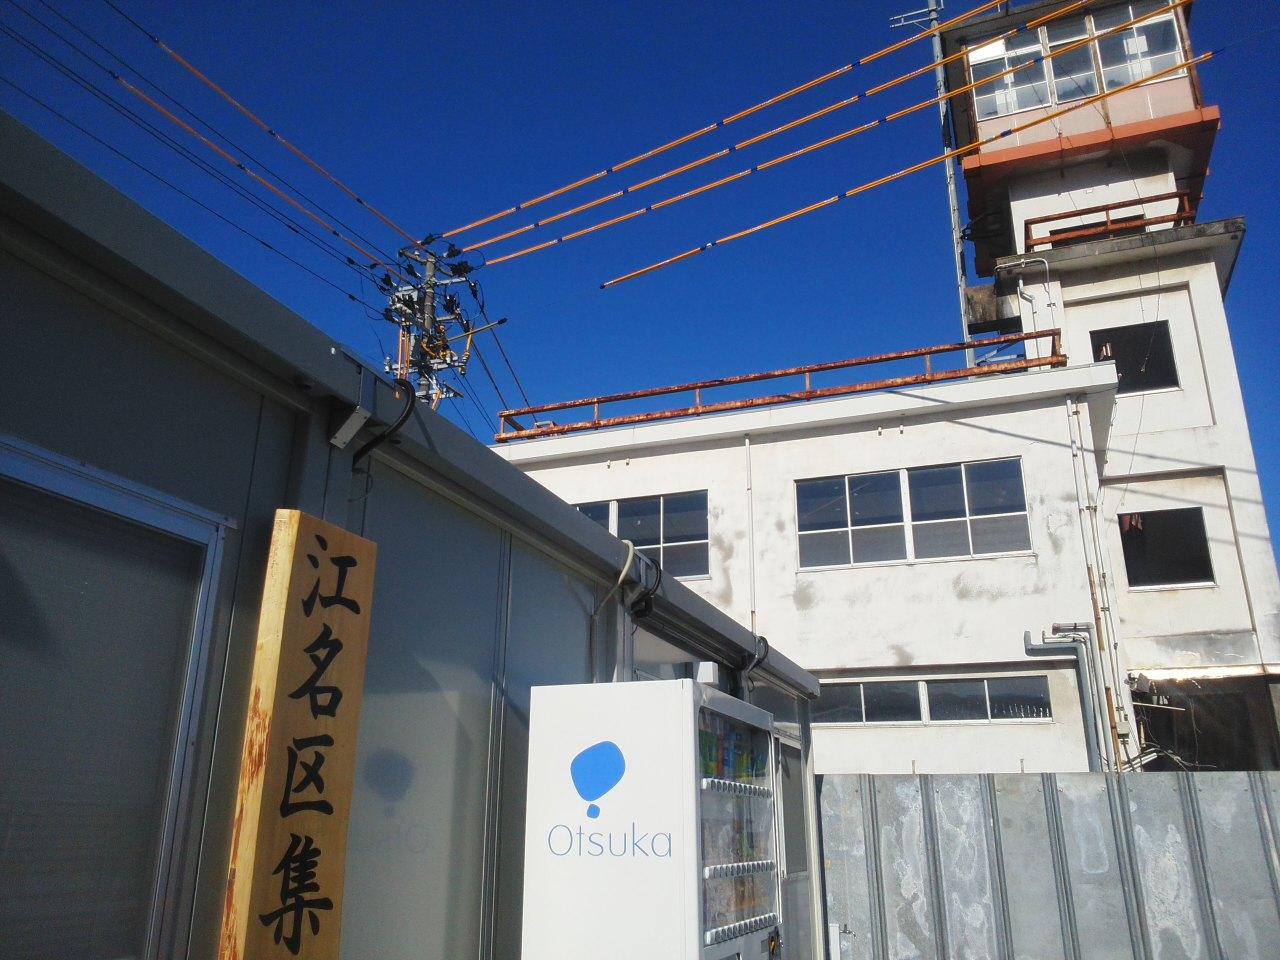 つるしびななど、作品展示会_e0068696_7282018.jpg